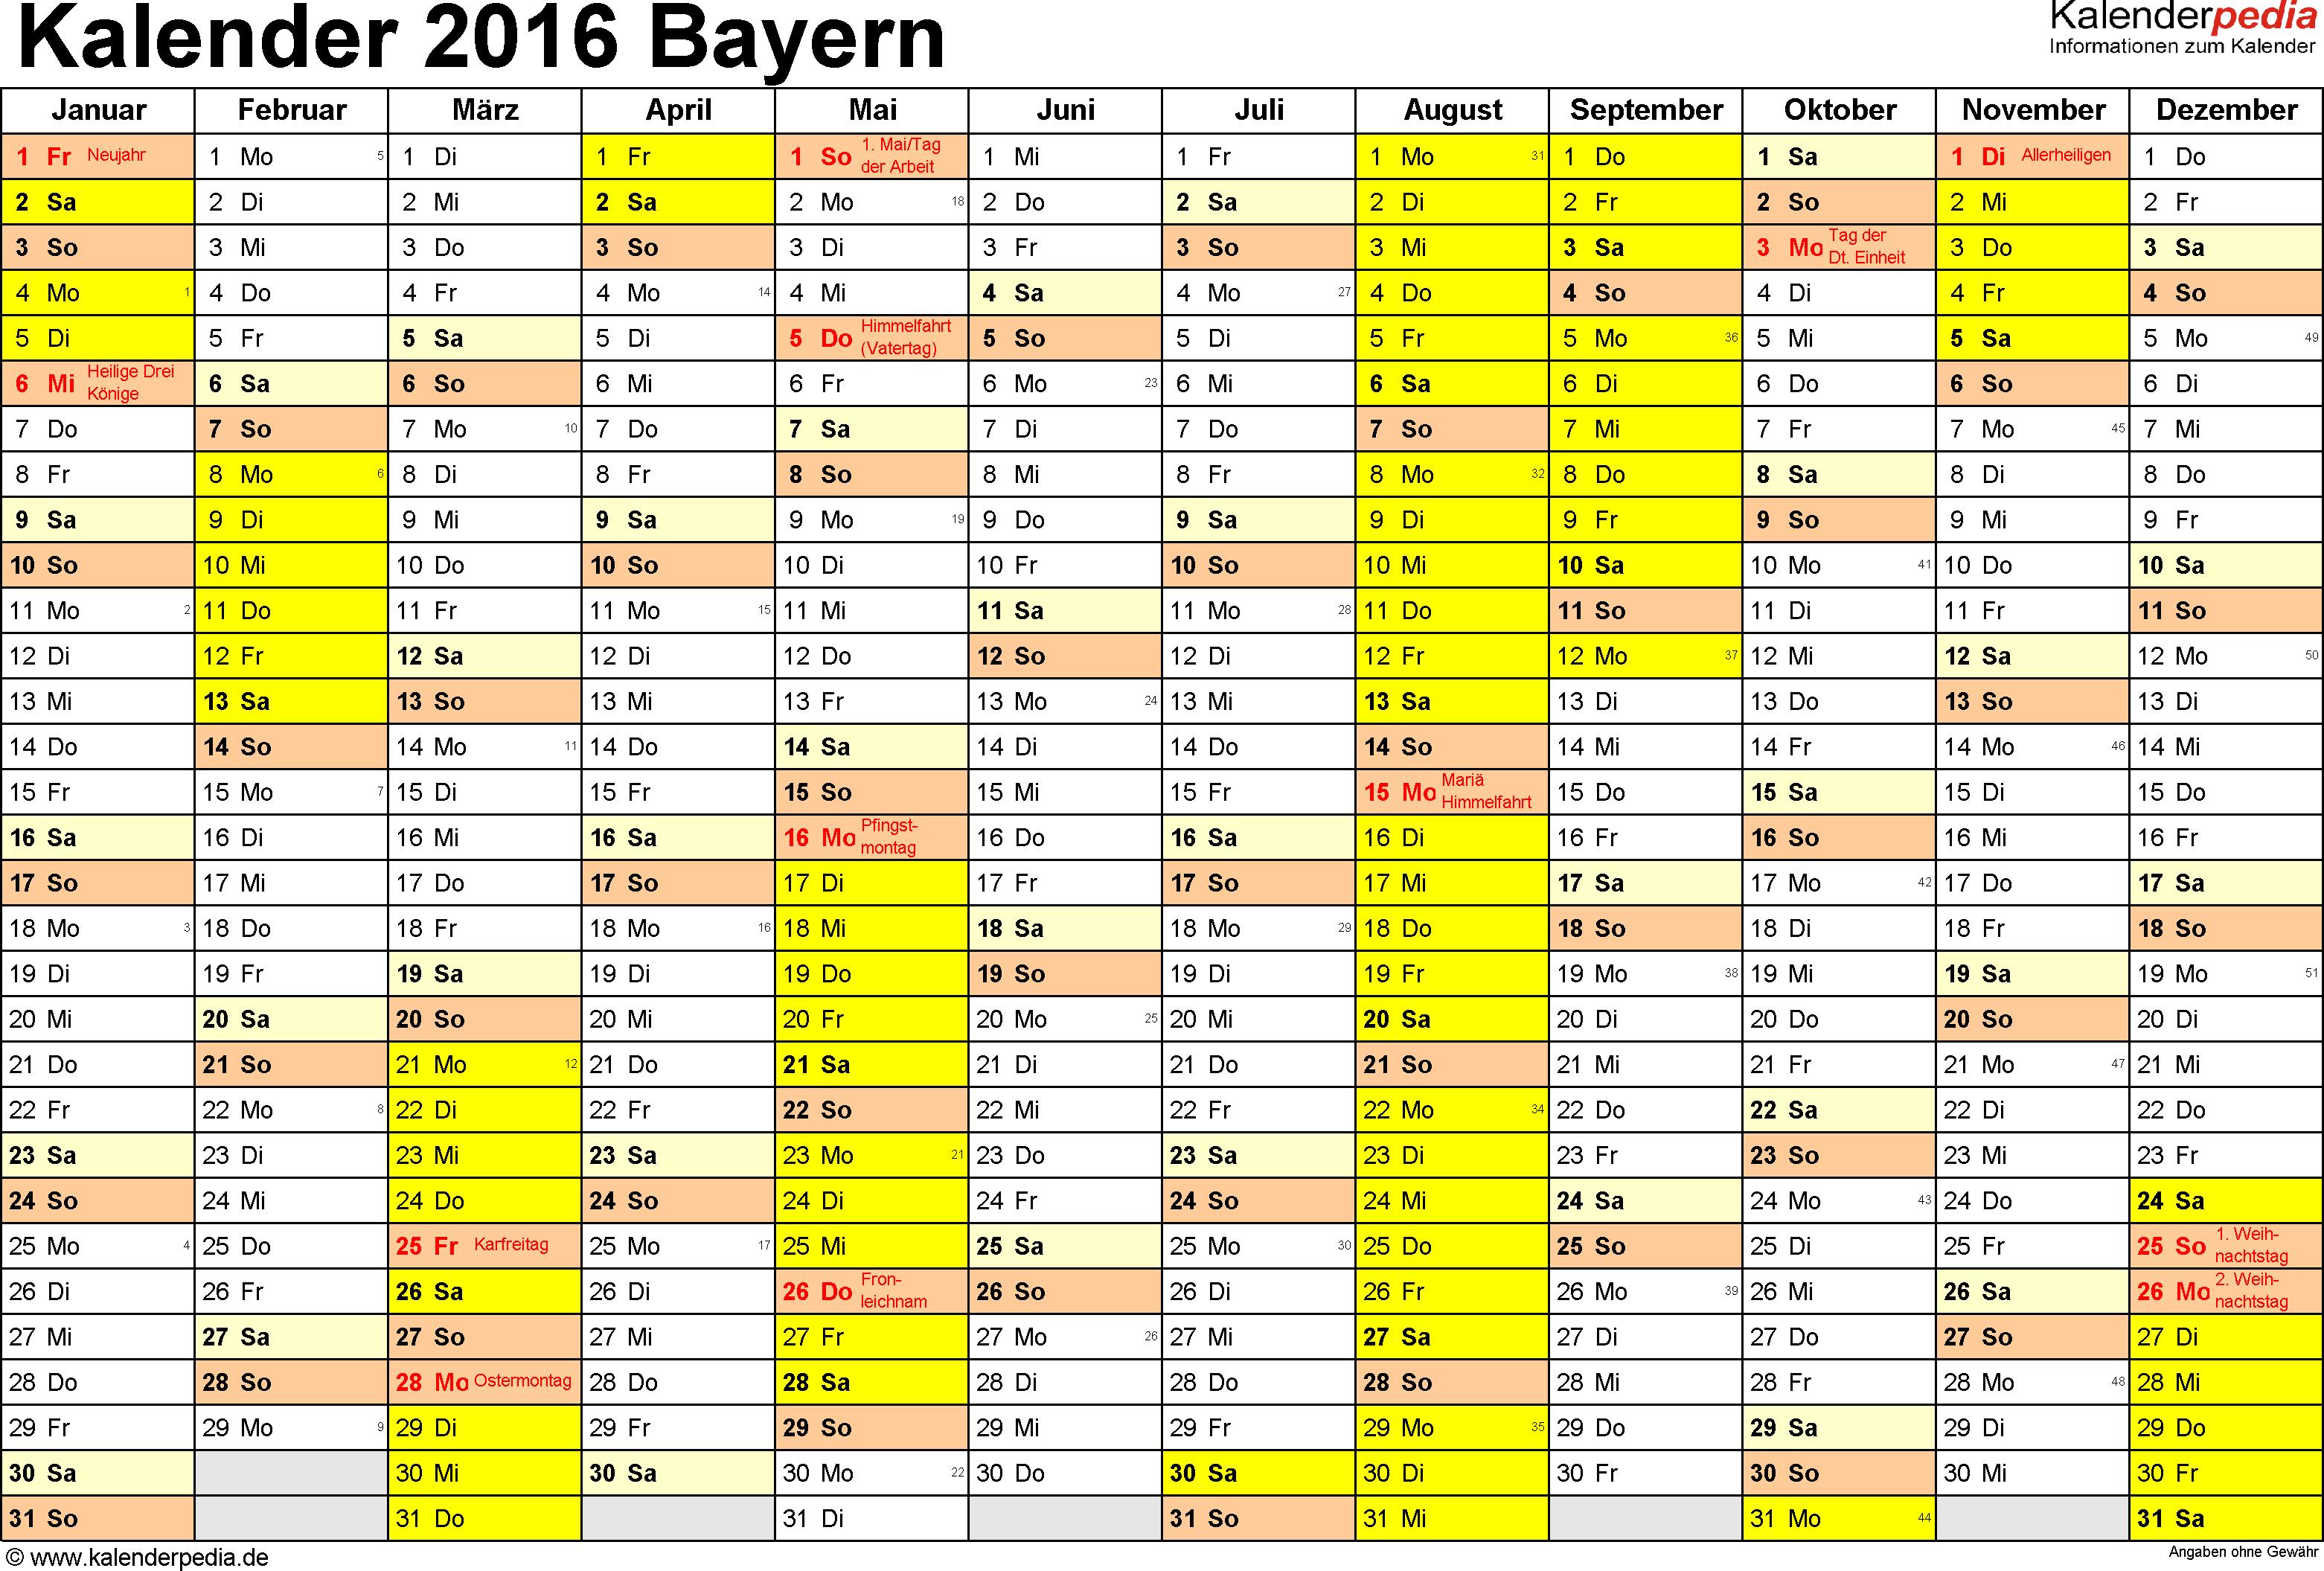 Vorlage 1: Kalender 2016 für Bayern als Excel-Vorlage (Querformat, 1 Seite)